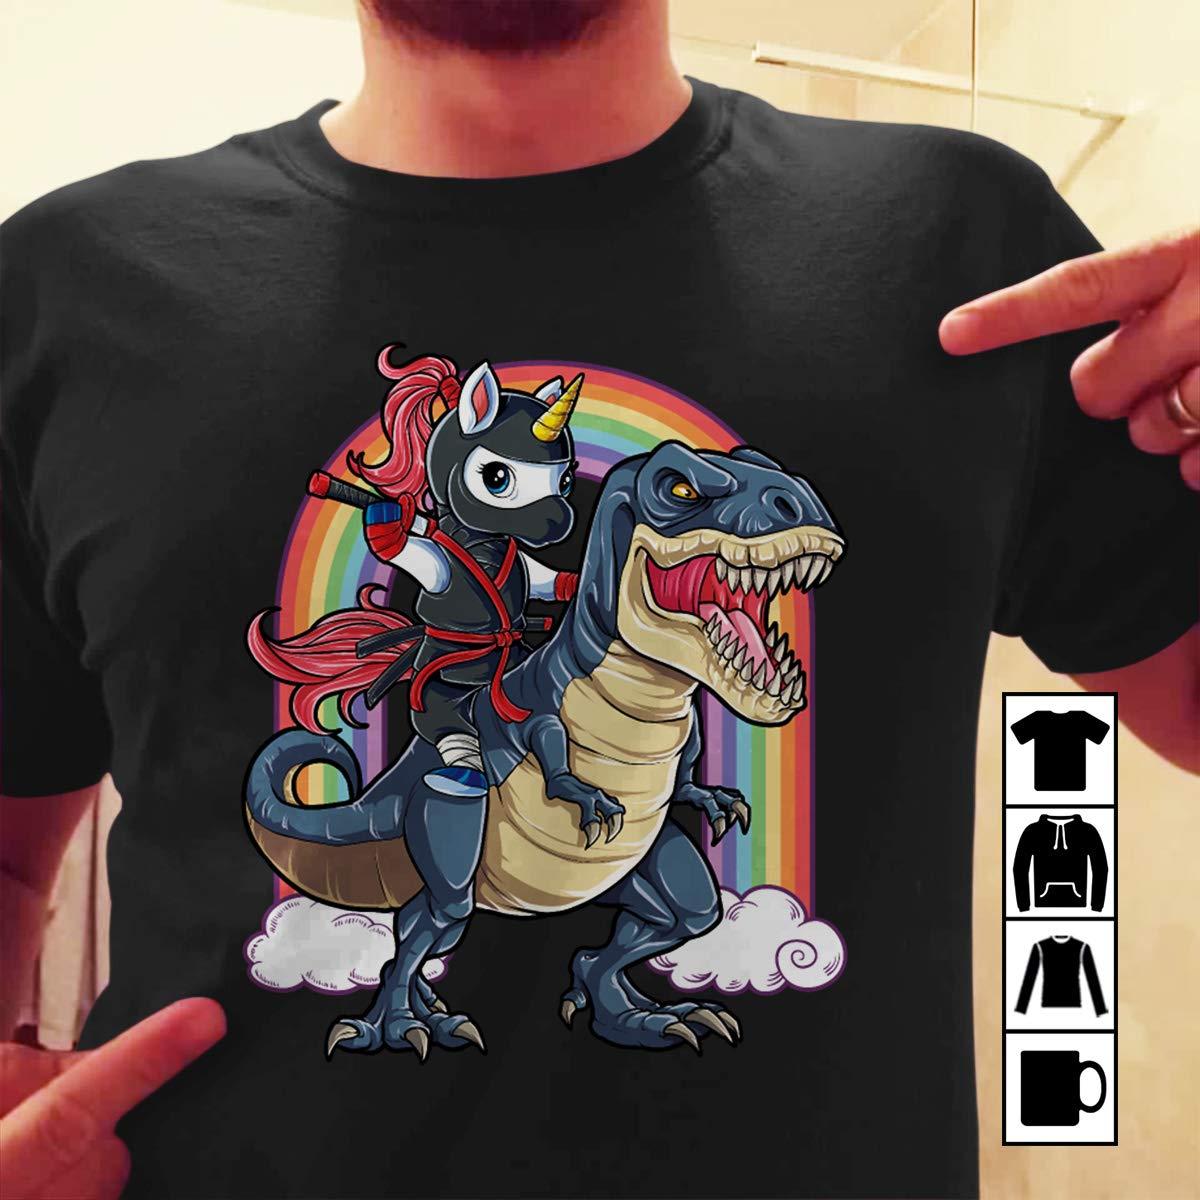 Amazon.com: Dinosaurs Unicorn Ninja Riding Dinosaur T Shirt ...